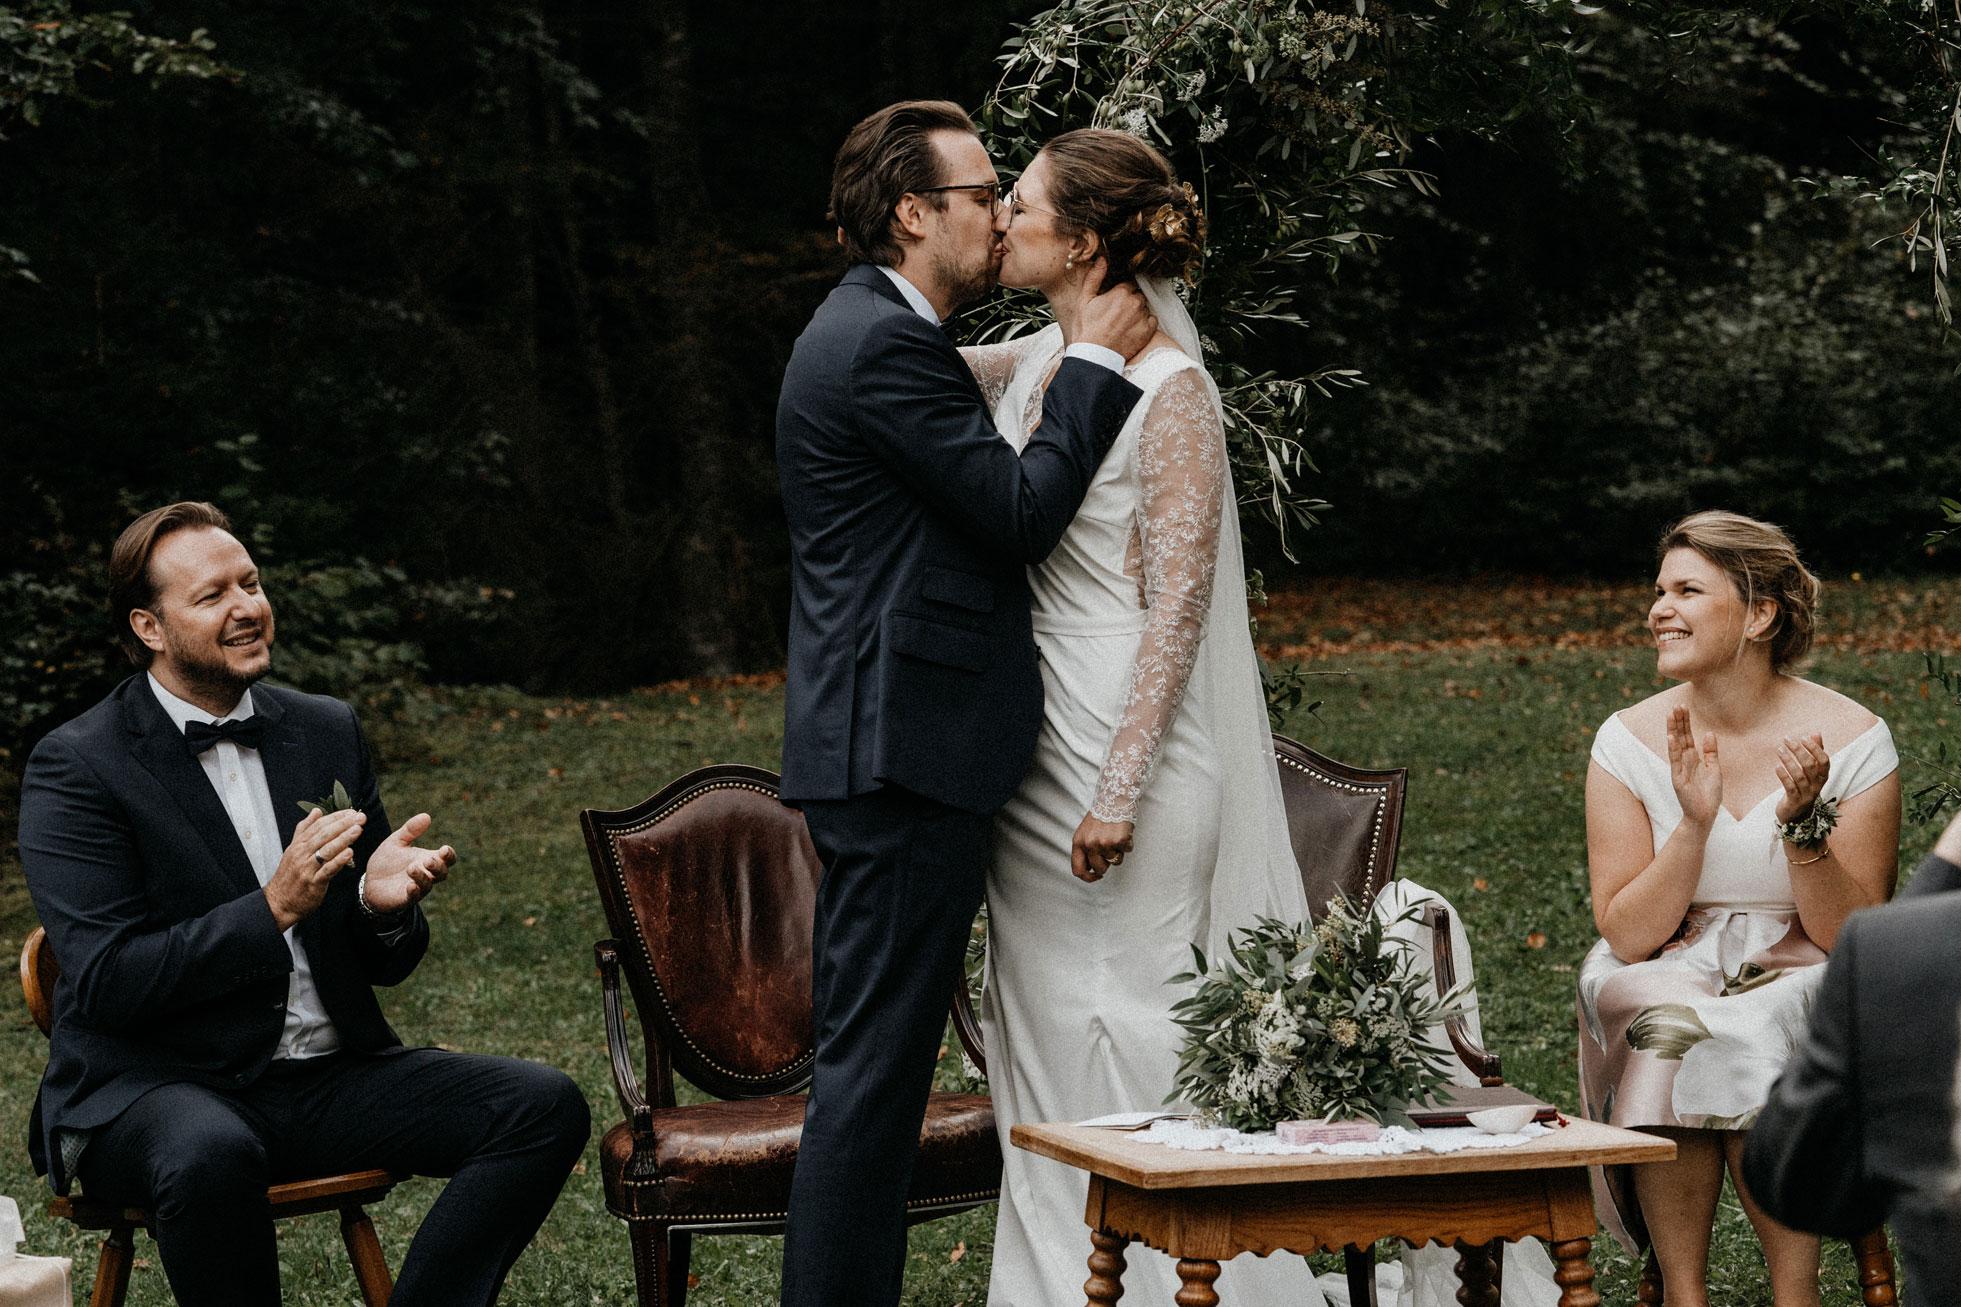 Hochzeit_Claire_Manuel_Villa_Maund_Daniel_Jenny-189.jpg